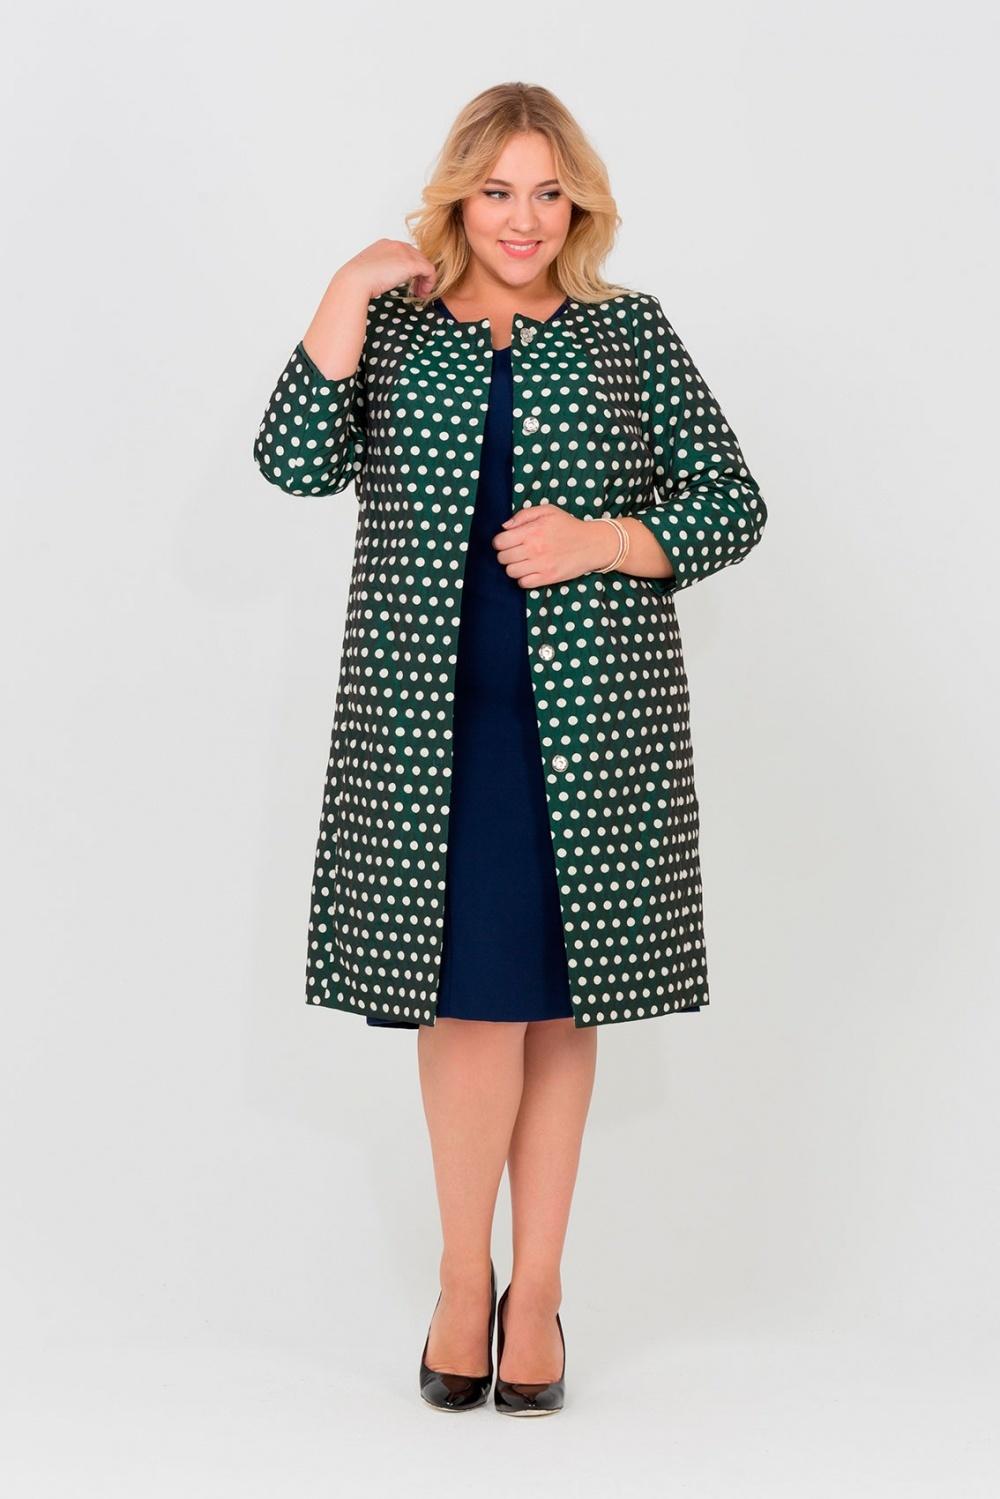 Верхняя одежда Пальто Горох зеленый d6171697bde040ece88b9f8fb508d5d0__1_.jpg